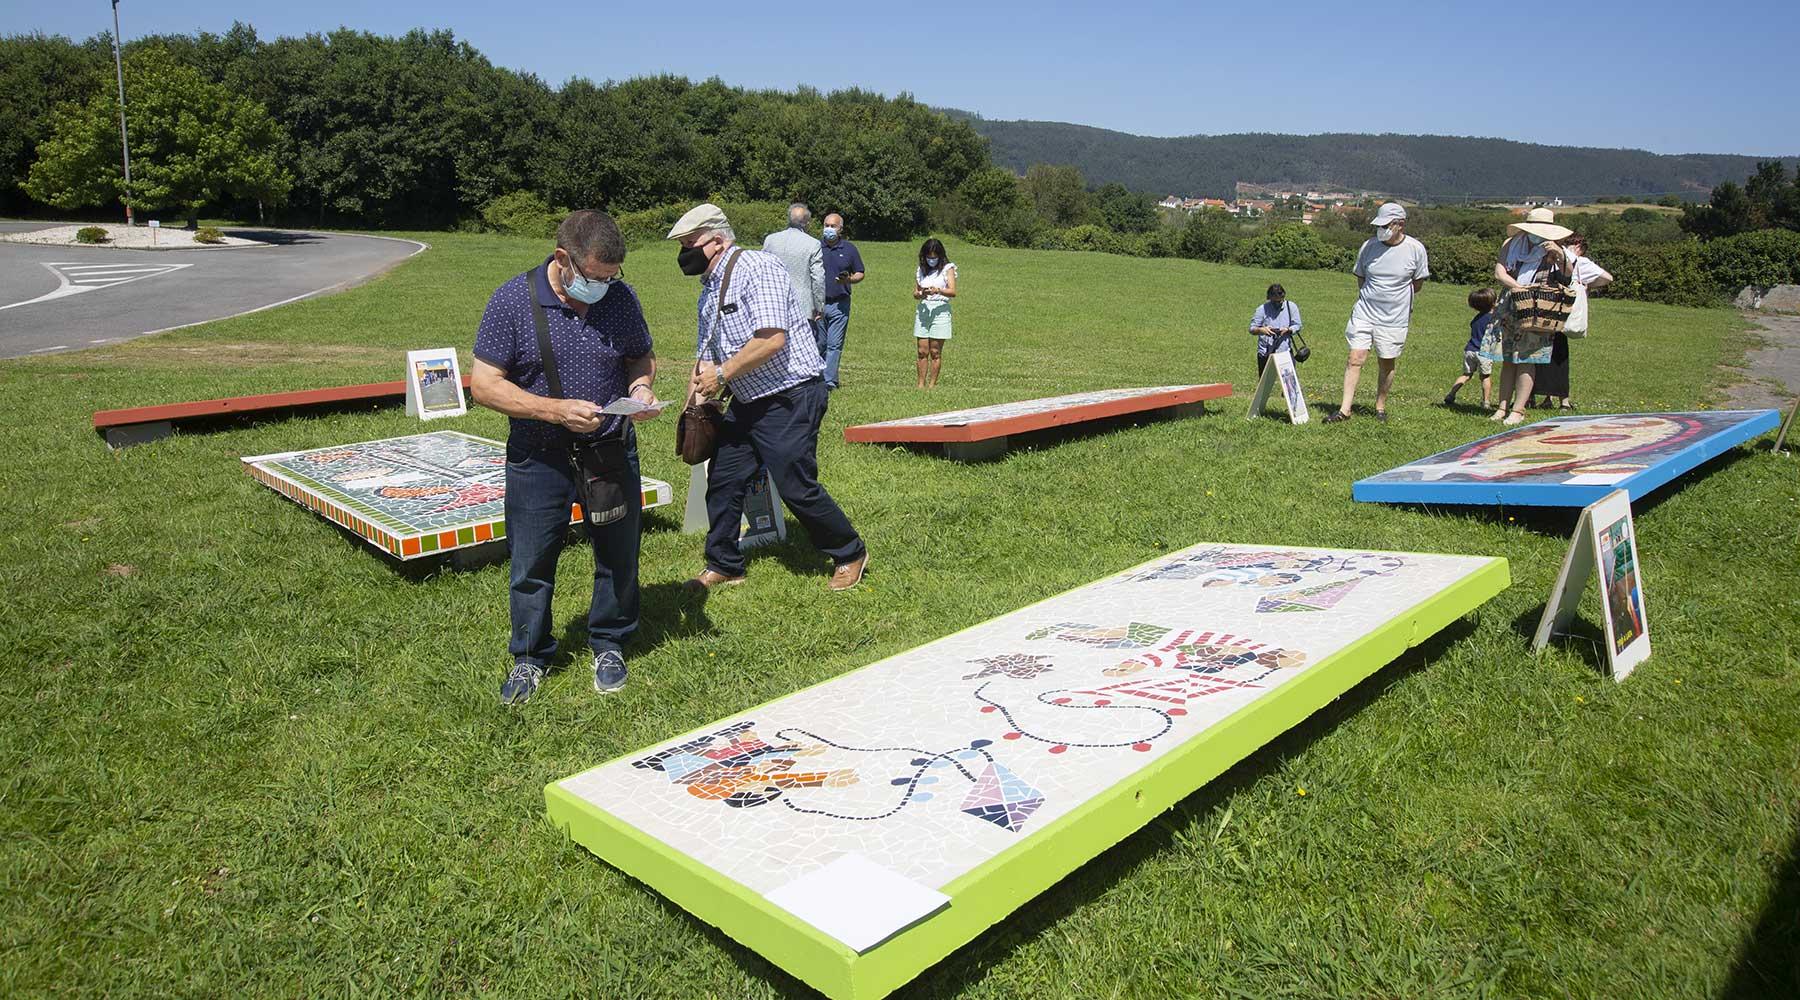 Inaugurada a Exposición ao aire libre dos Xogos e Deportes Tradicionáis nos muraies de azulexo no Melga de Ponteceso